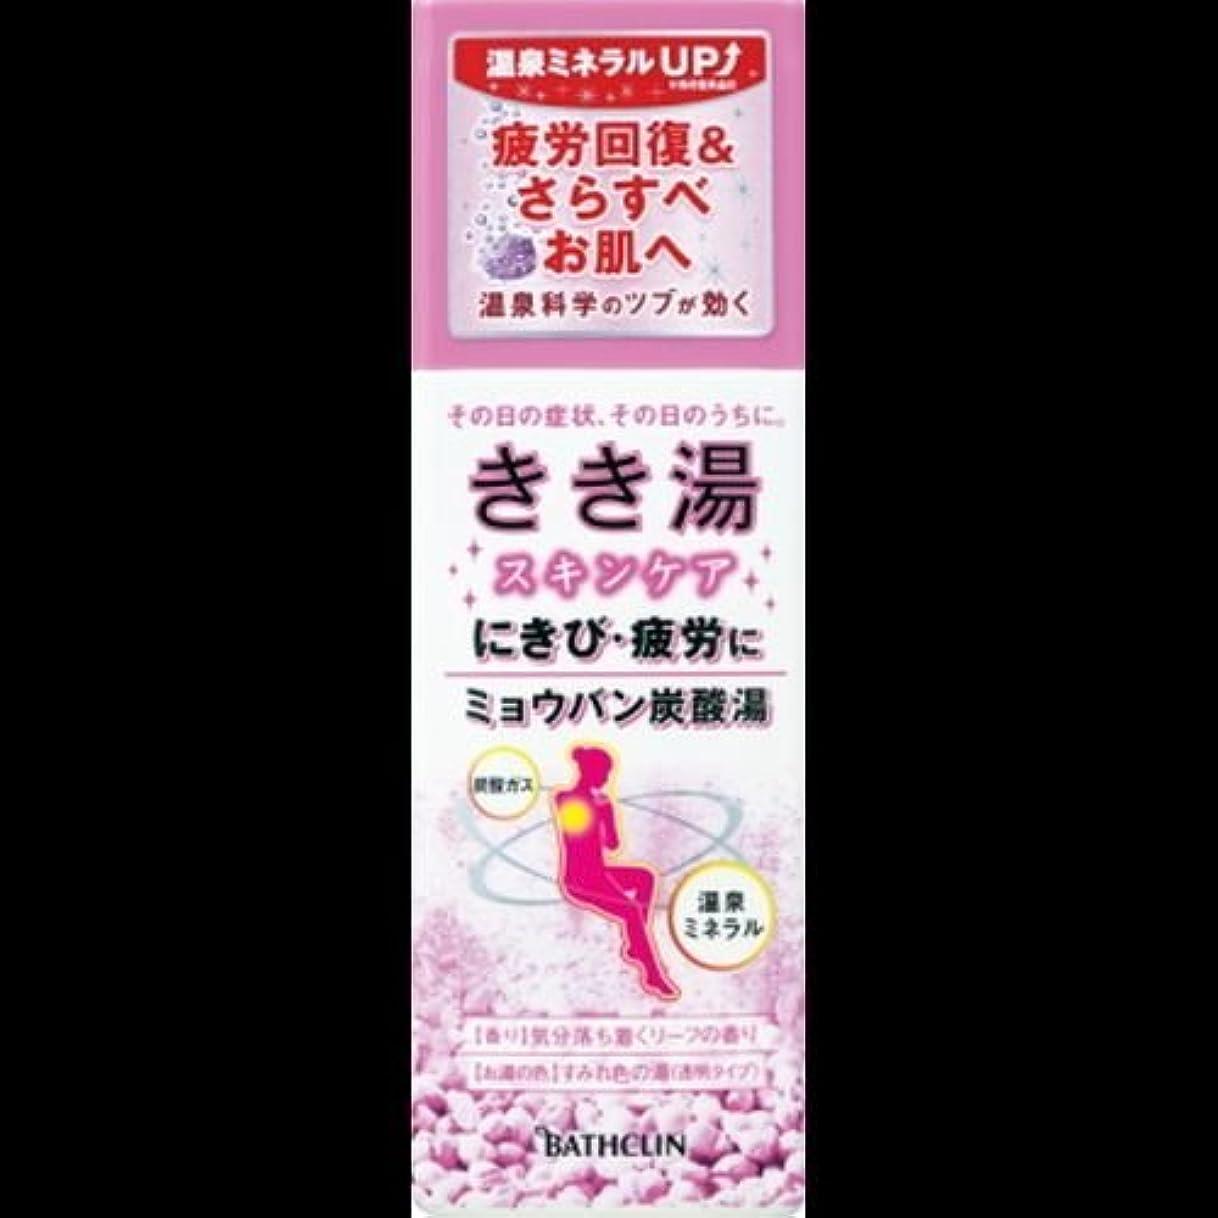 ナビゲーション罪カニ【まとめ買い】きき湯 ミョウバン炭酸湯 気分落ち着くリーフの香り すみれ色の湯(透明タイプ) 360g ×2セット